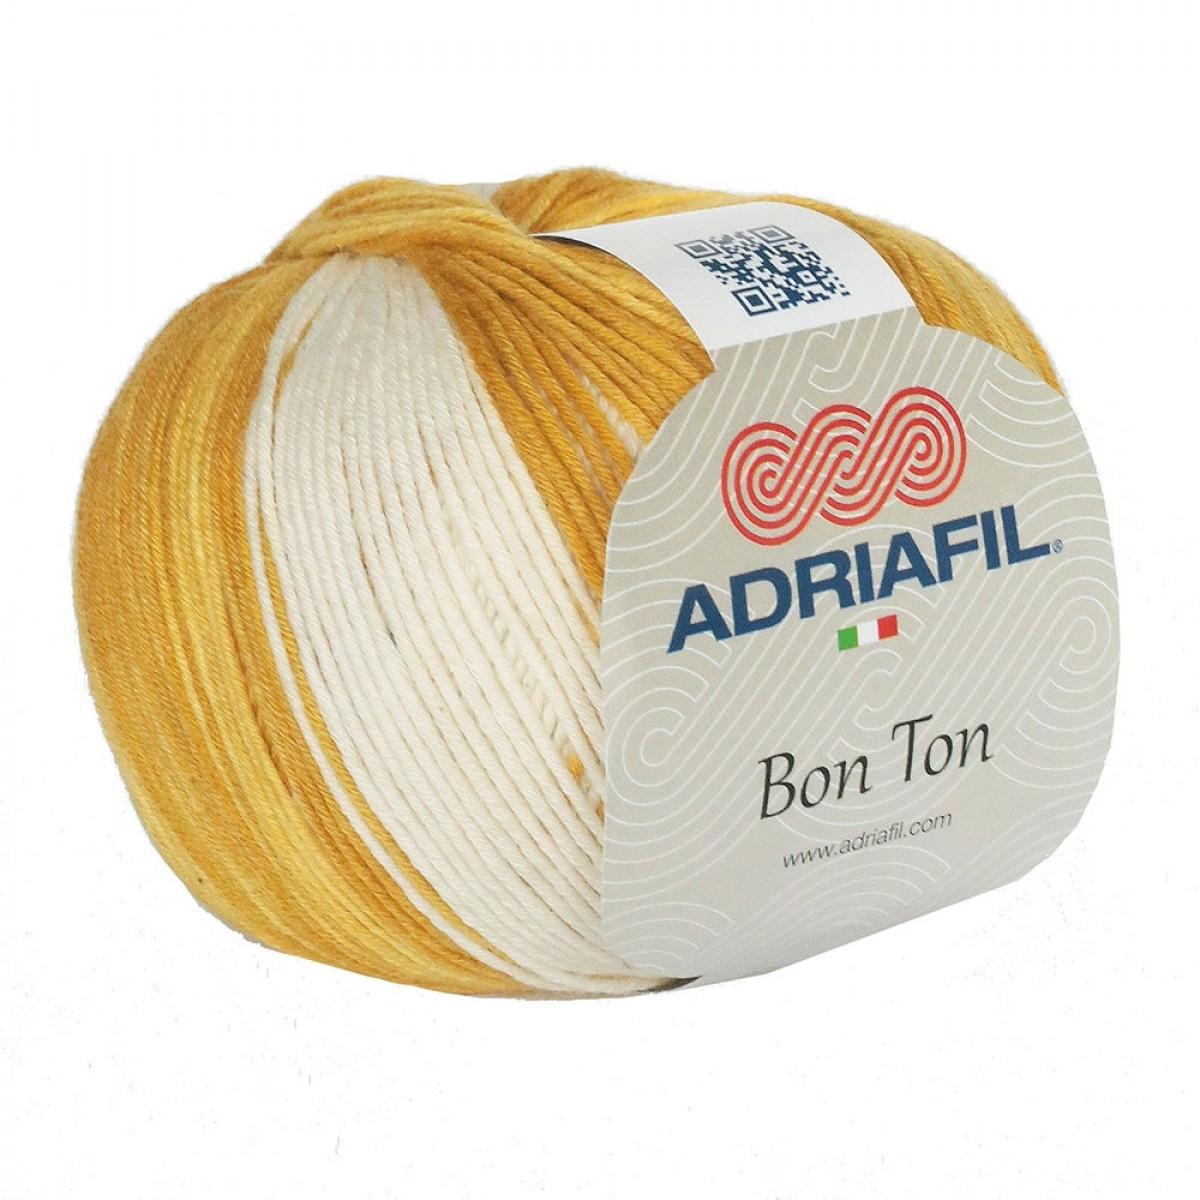 Abricot 81